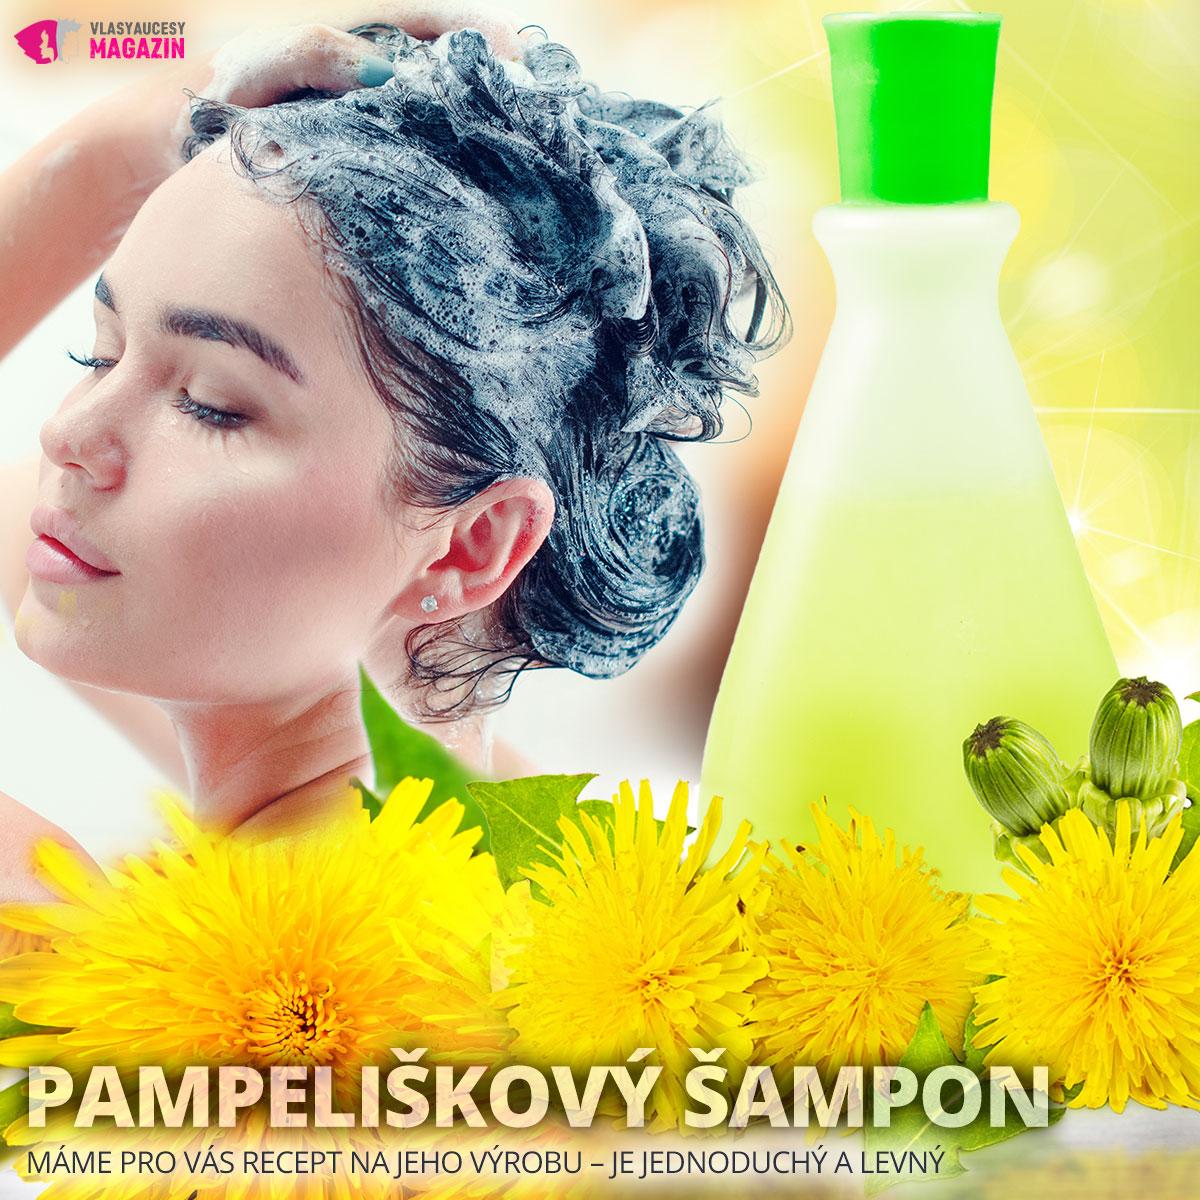 Pampeliškový šampon – recept na jeho výrobu je jednoduchý a levný.